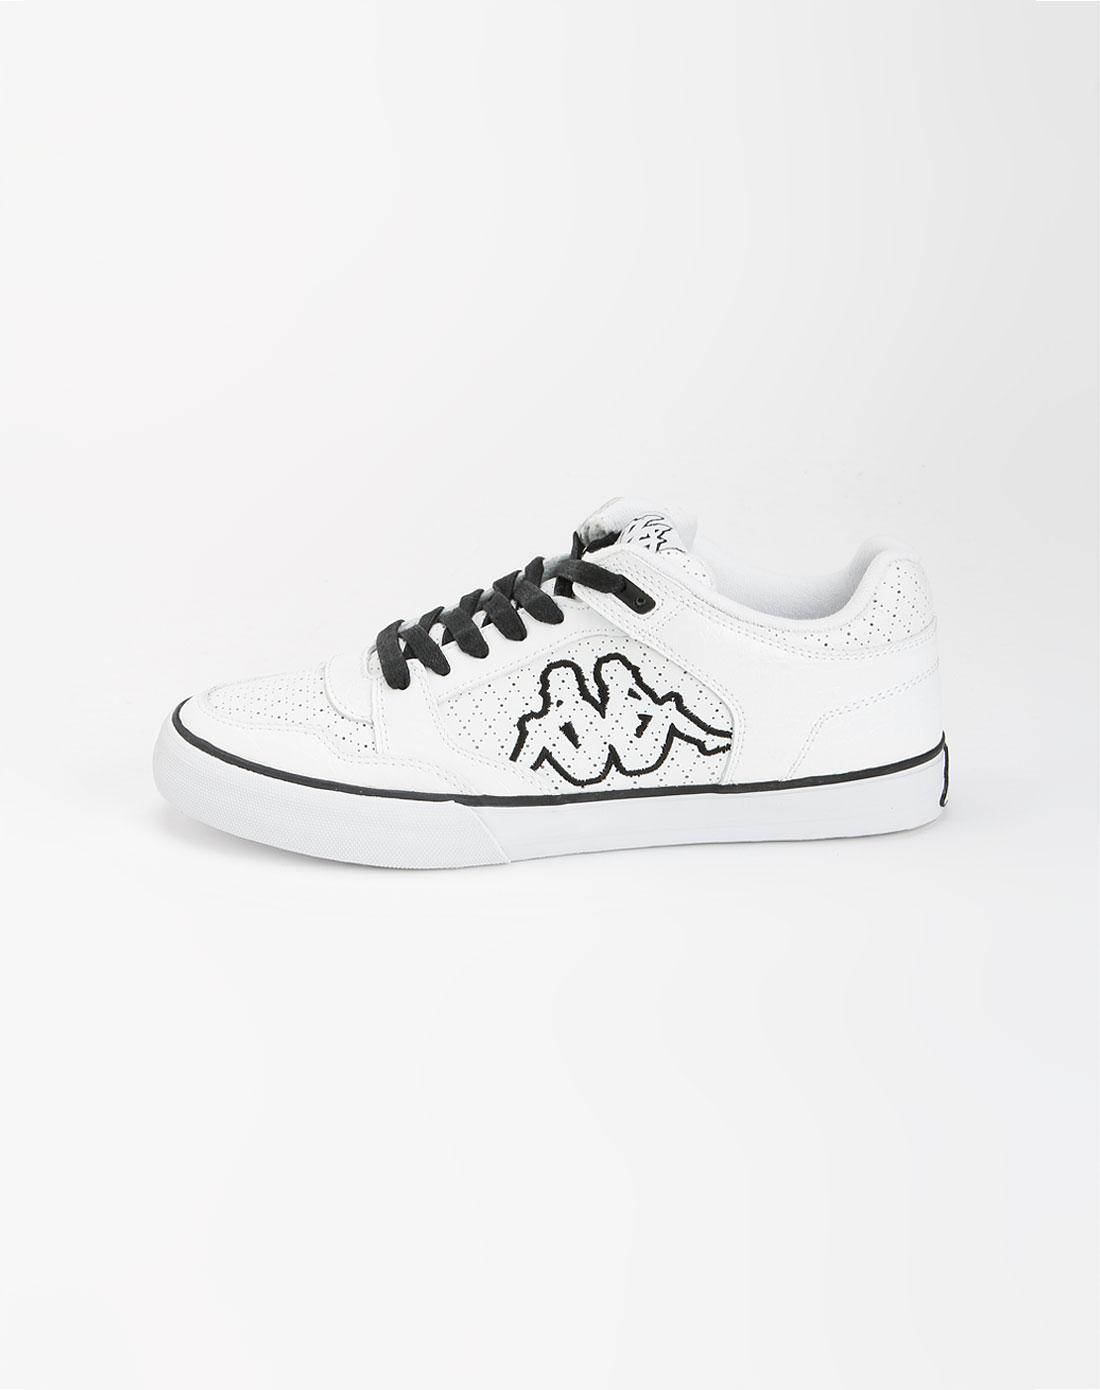 卡帕kappa白色系带休闲鞋k5102cc281-002